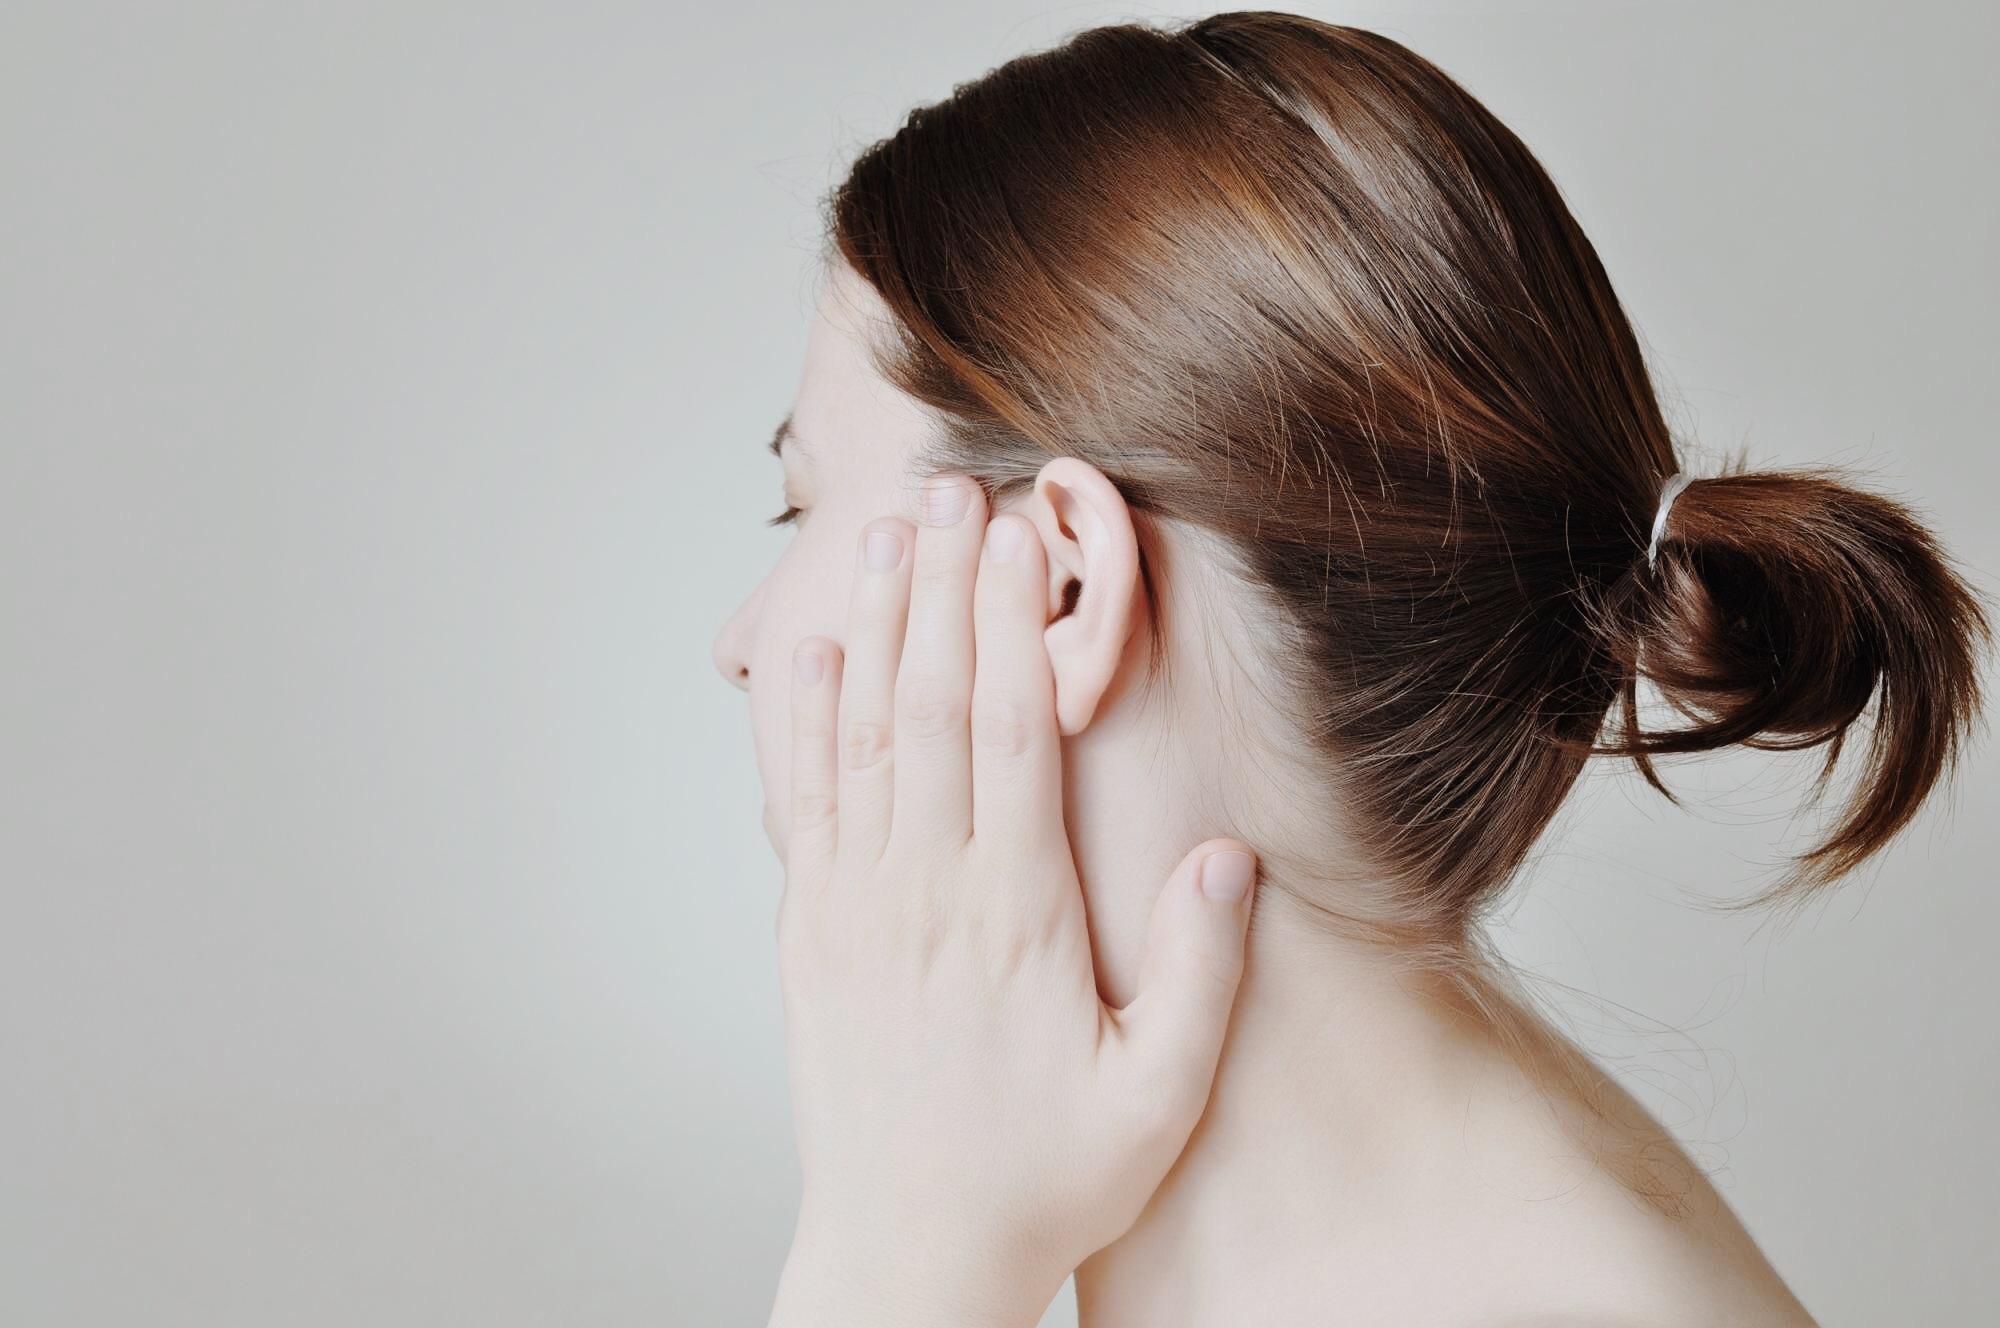 ear sound problem - HD1170×777